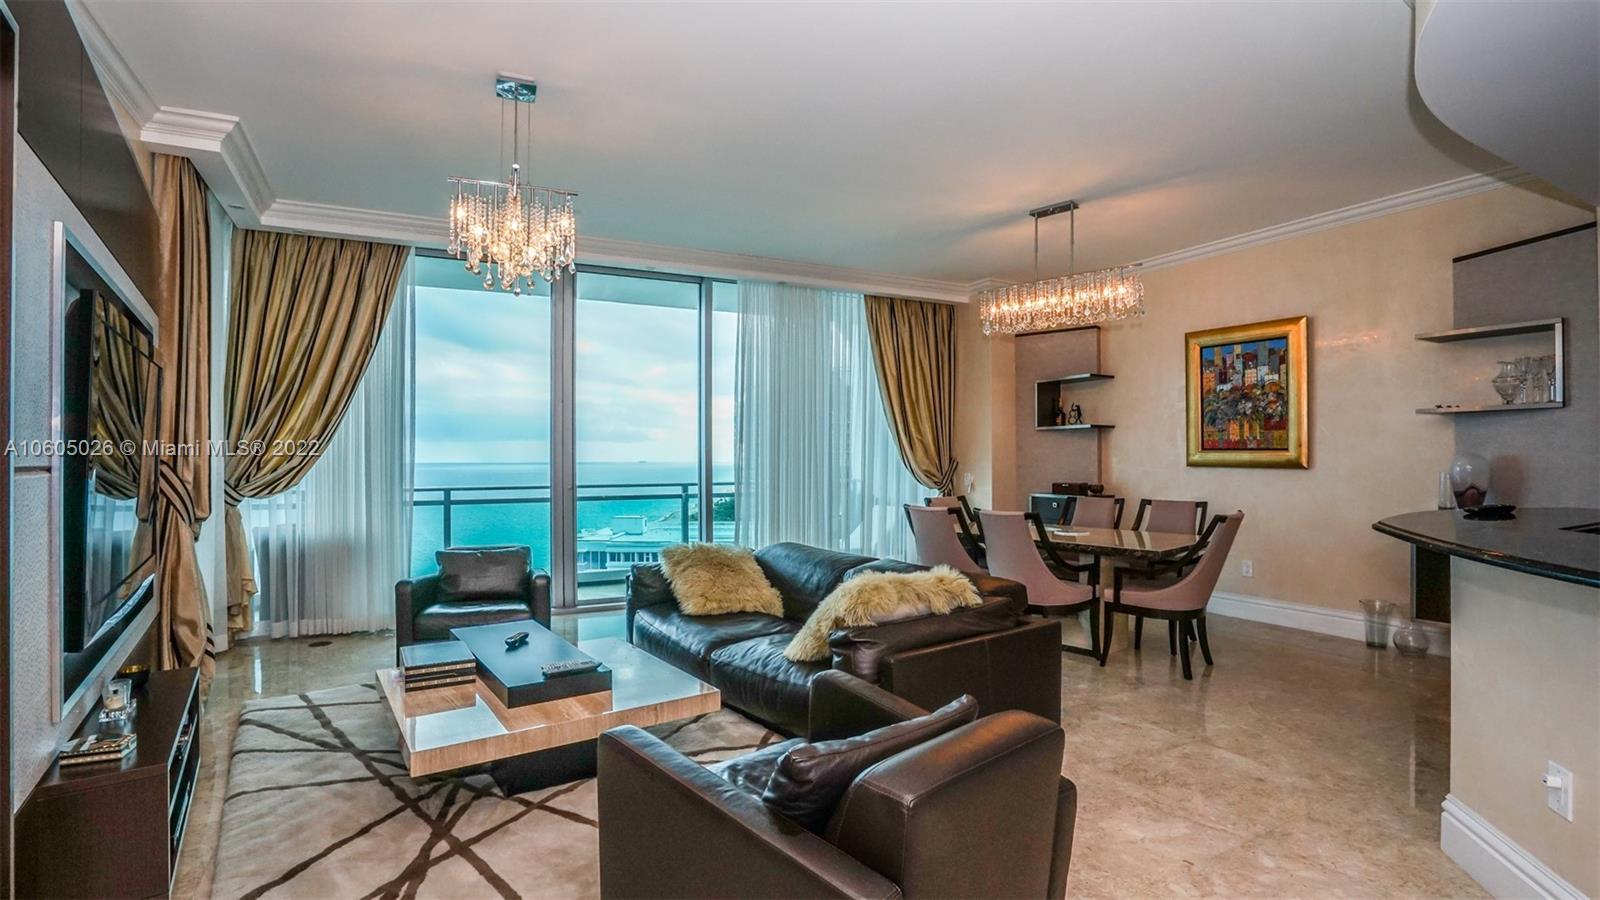 Ritz Carlton Bal Harbour #1605 - 10295 Collins ave #1605, Bal Harbour, FL 33154